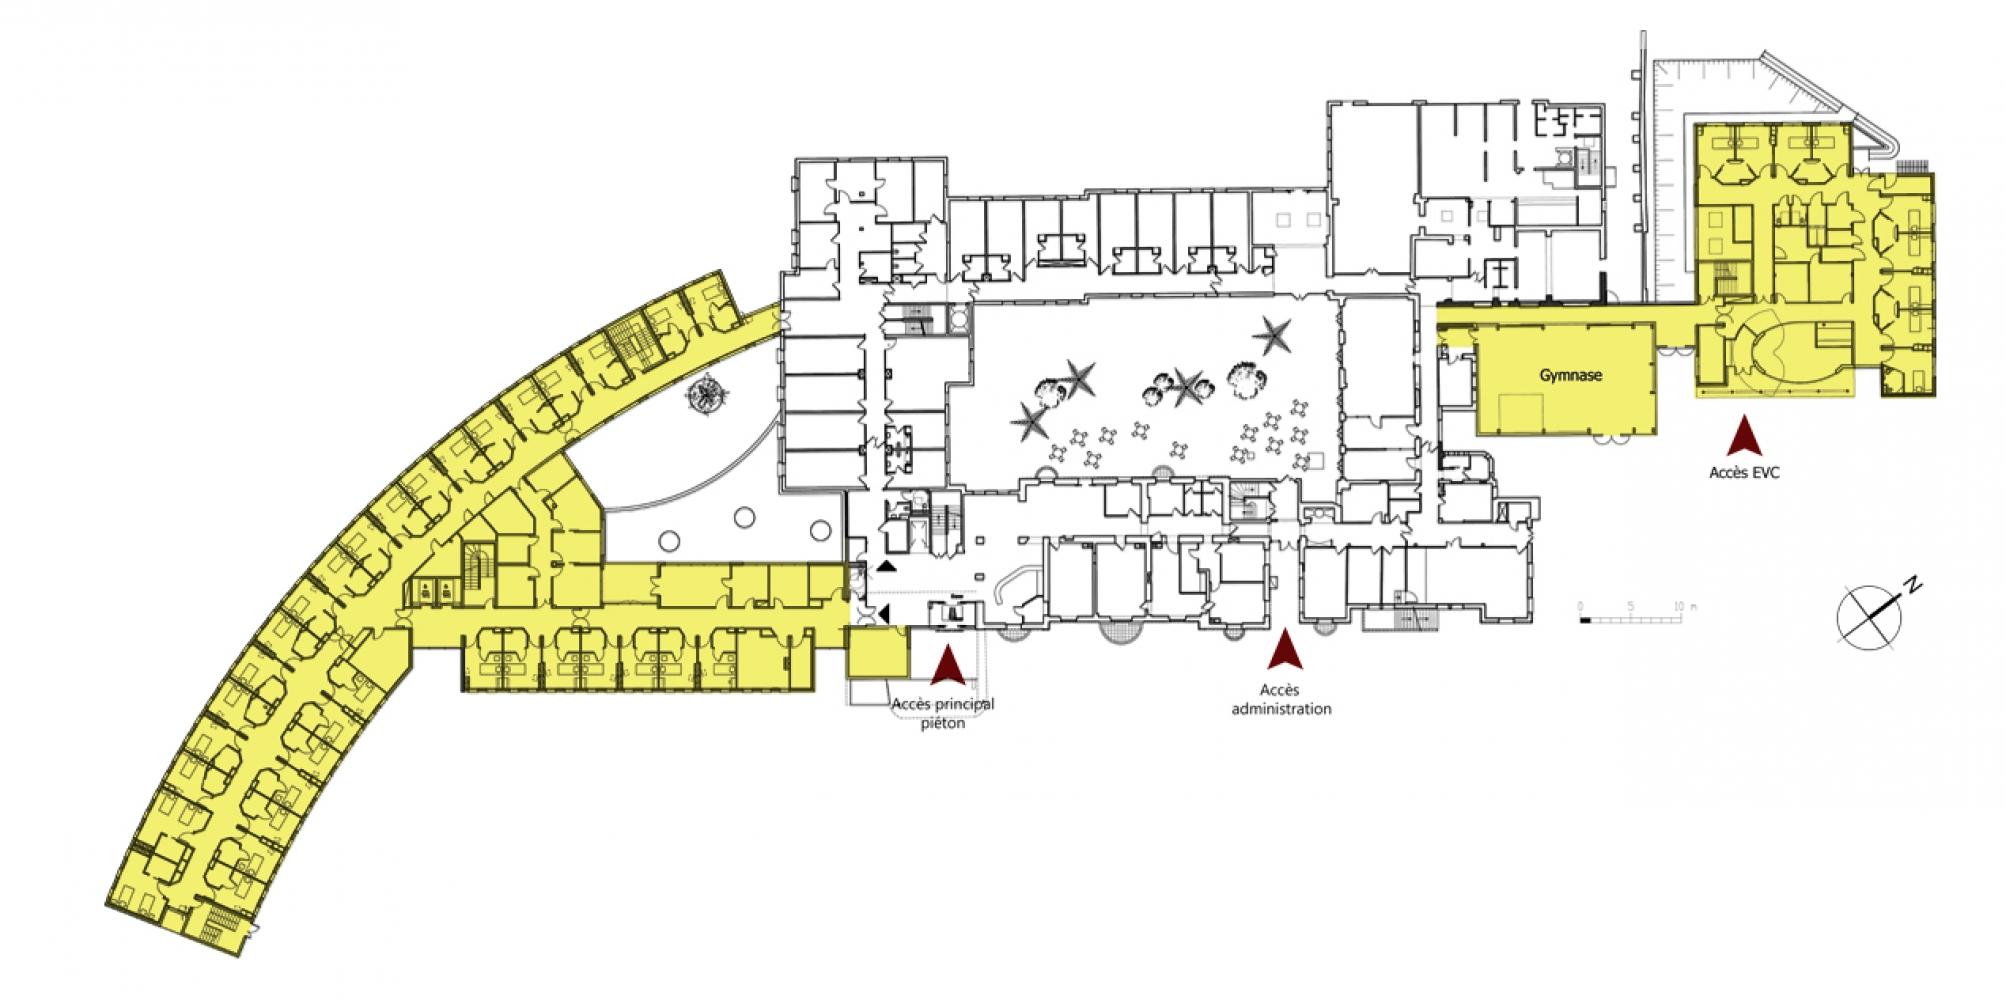 10-la-membrolle-img-004 Pascale SEURIN Architecte - Pascale SEURIN Architecte